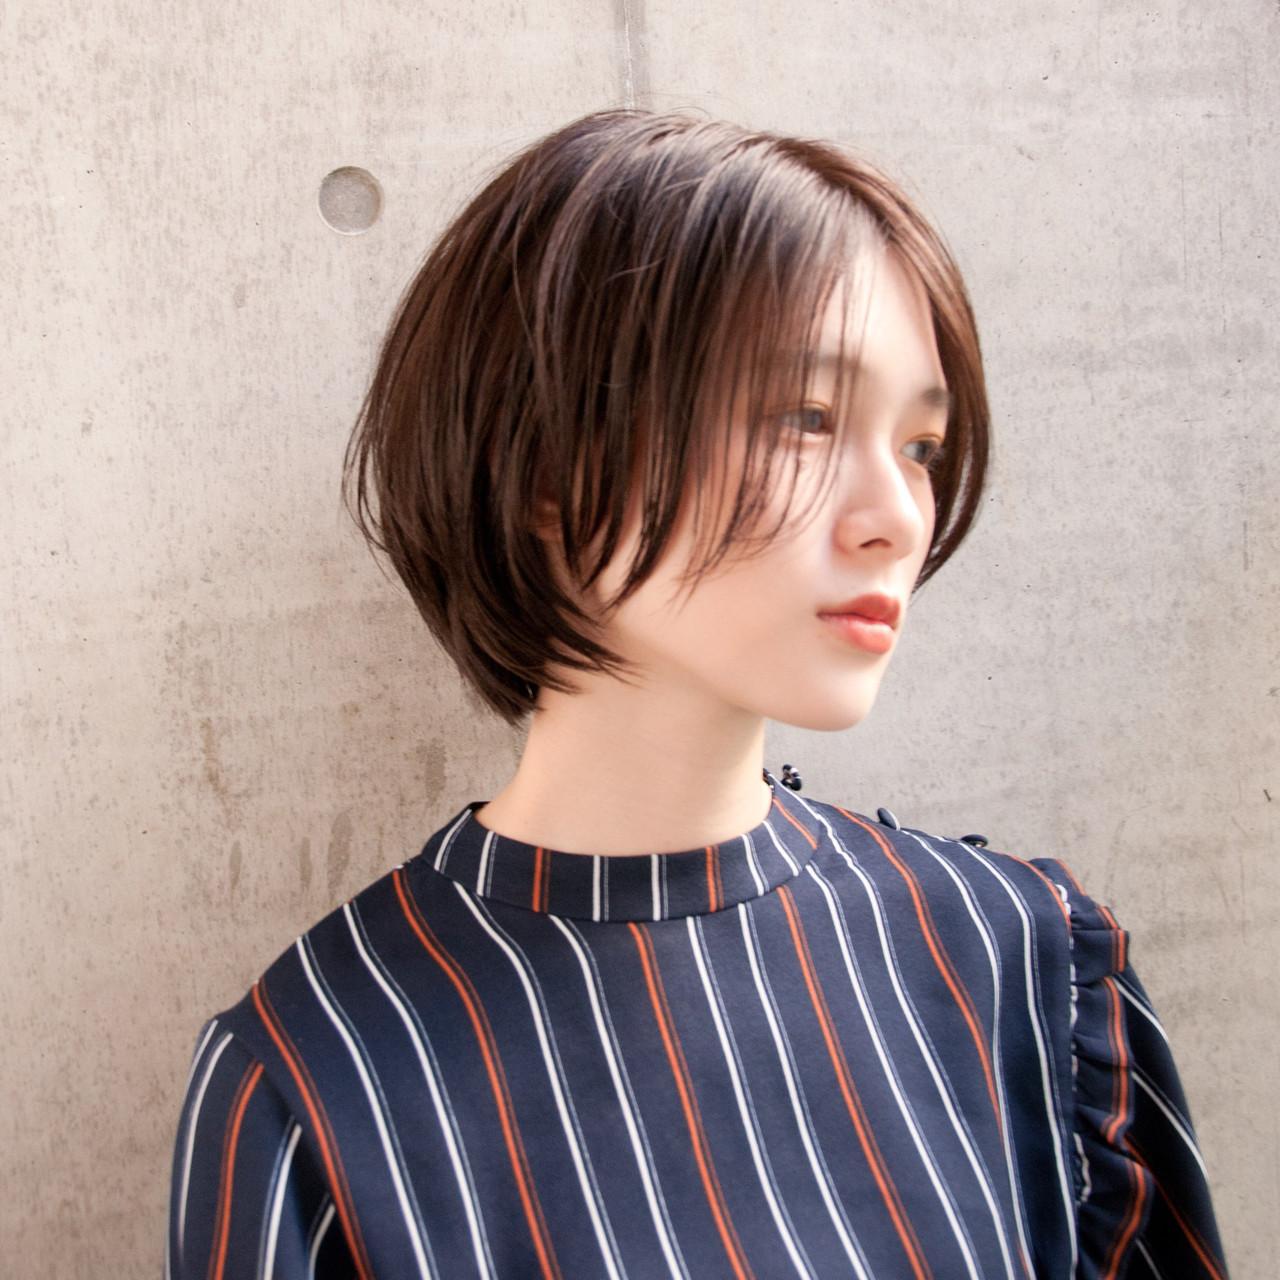 ボブ 大人女子 センターパート ショートヘアスタイルや髪型の写真・画像